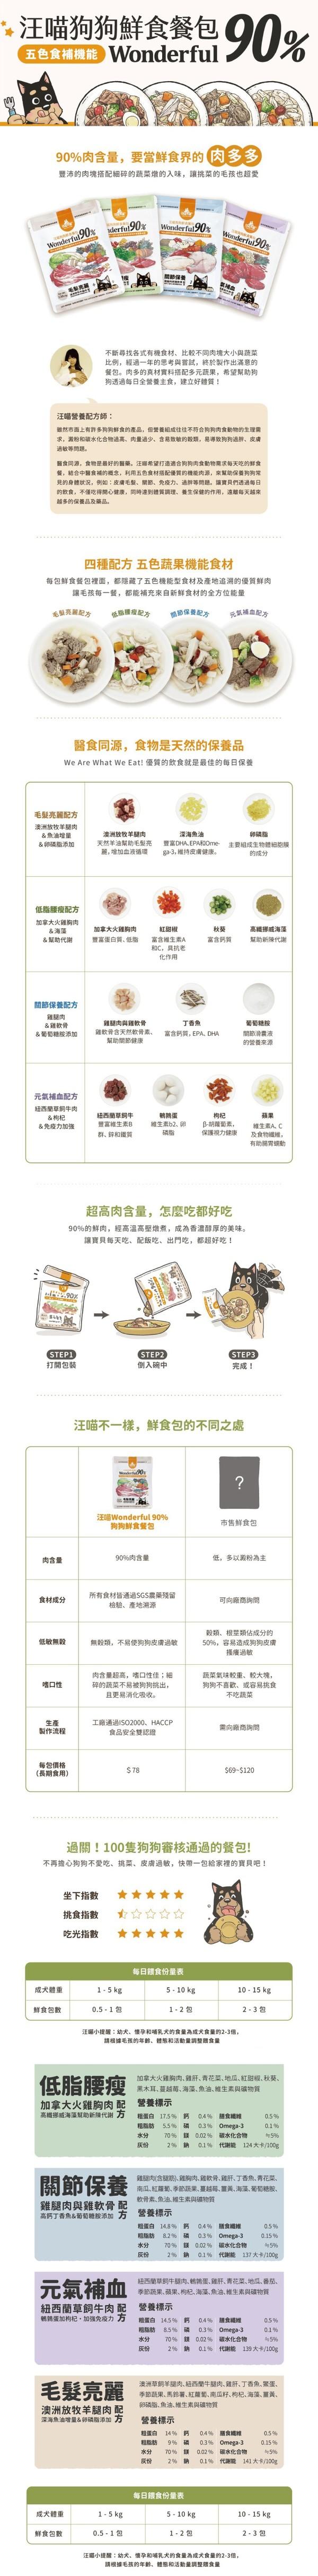 汪喵(犬)90%鮮食主食餐包